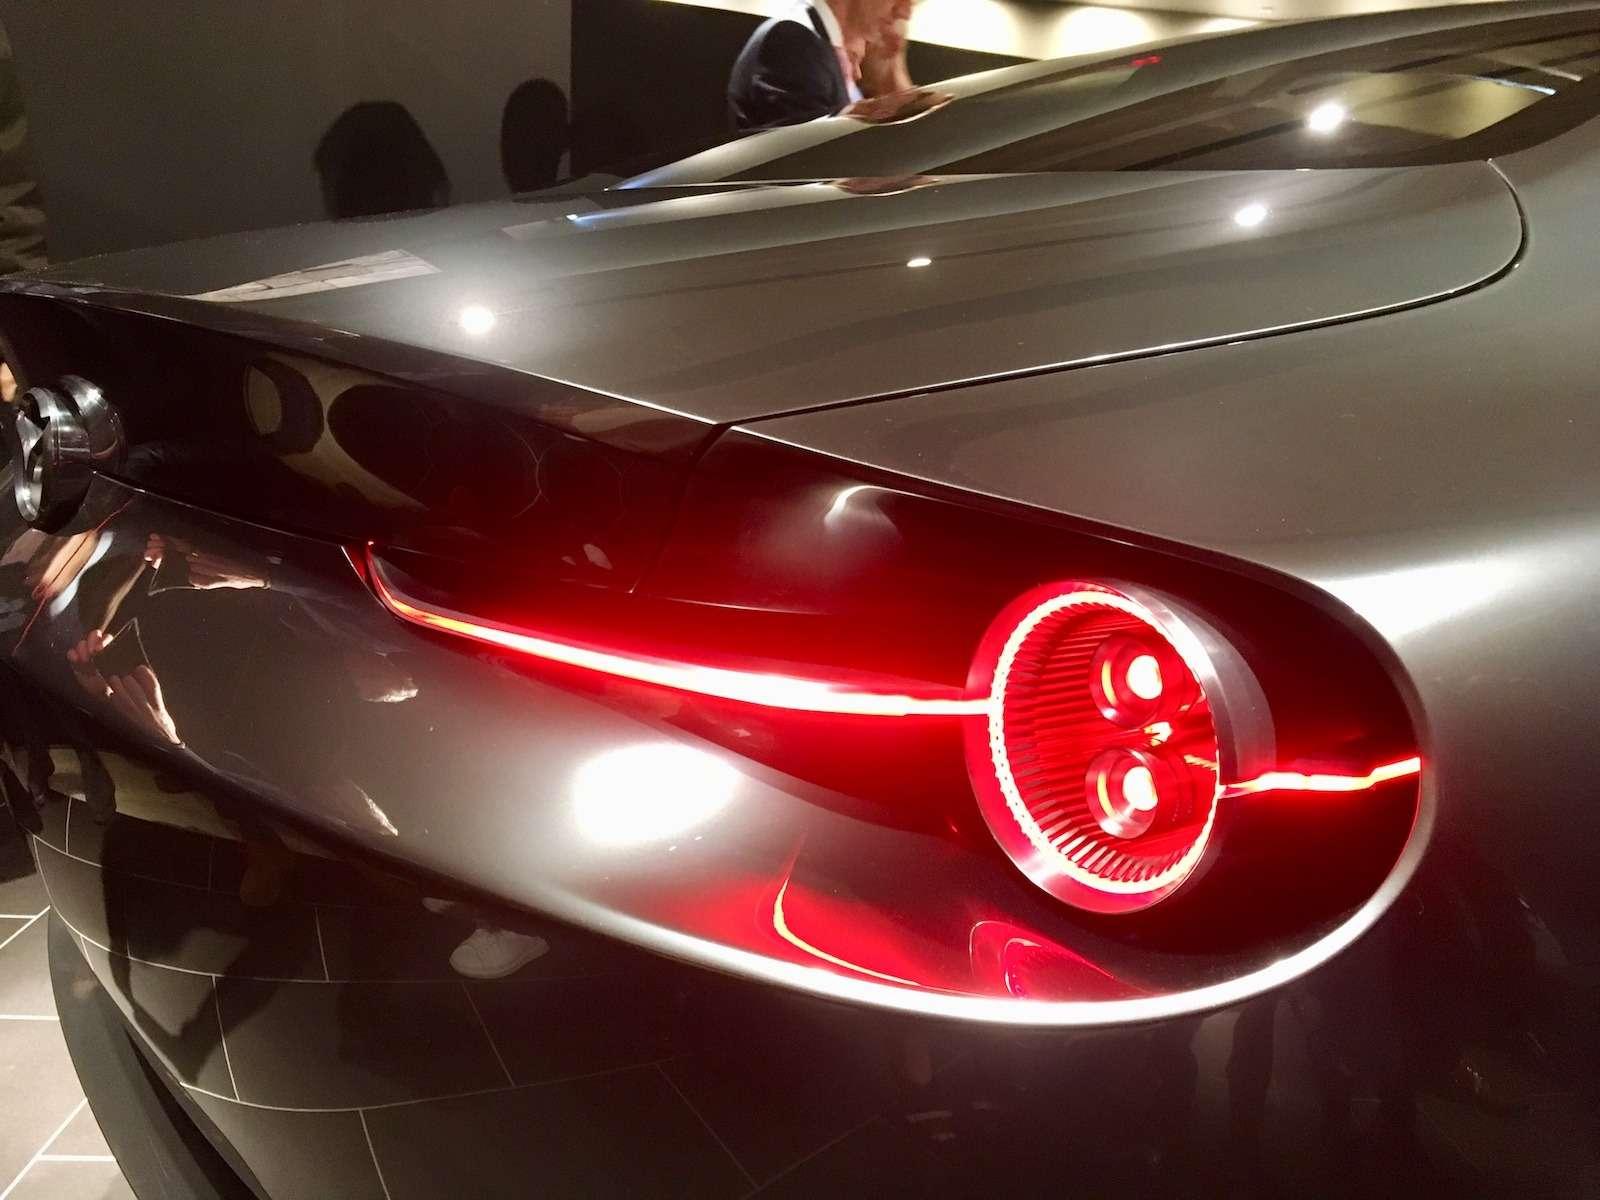 Больше света: Mazda представила обновленную дизайн-концепцию— фото 808880